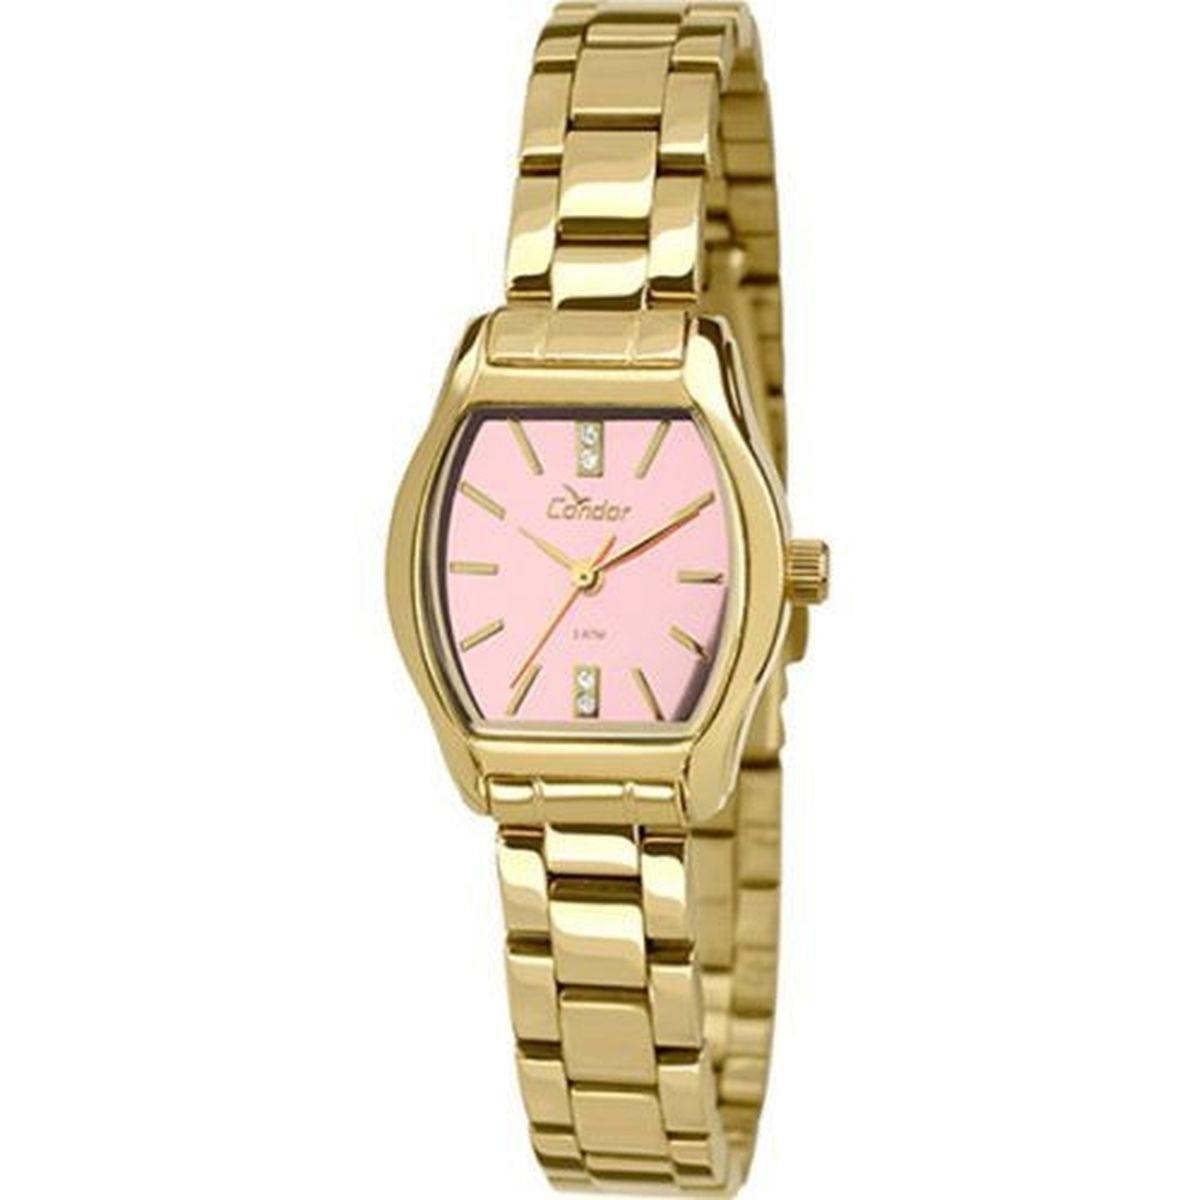 f7907ed25d8 Relógio Feminino Analogico Condor - Compre Agora